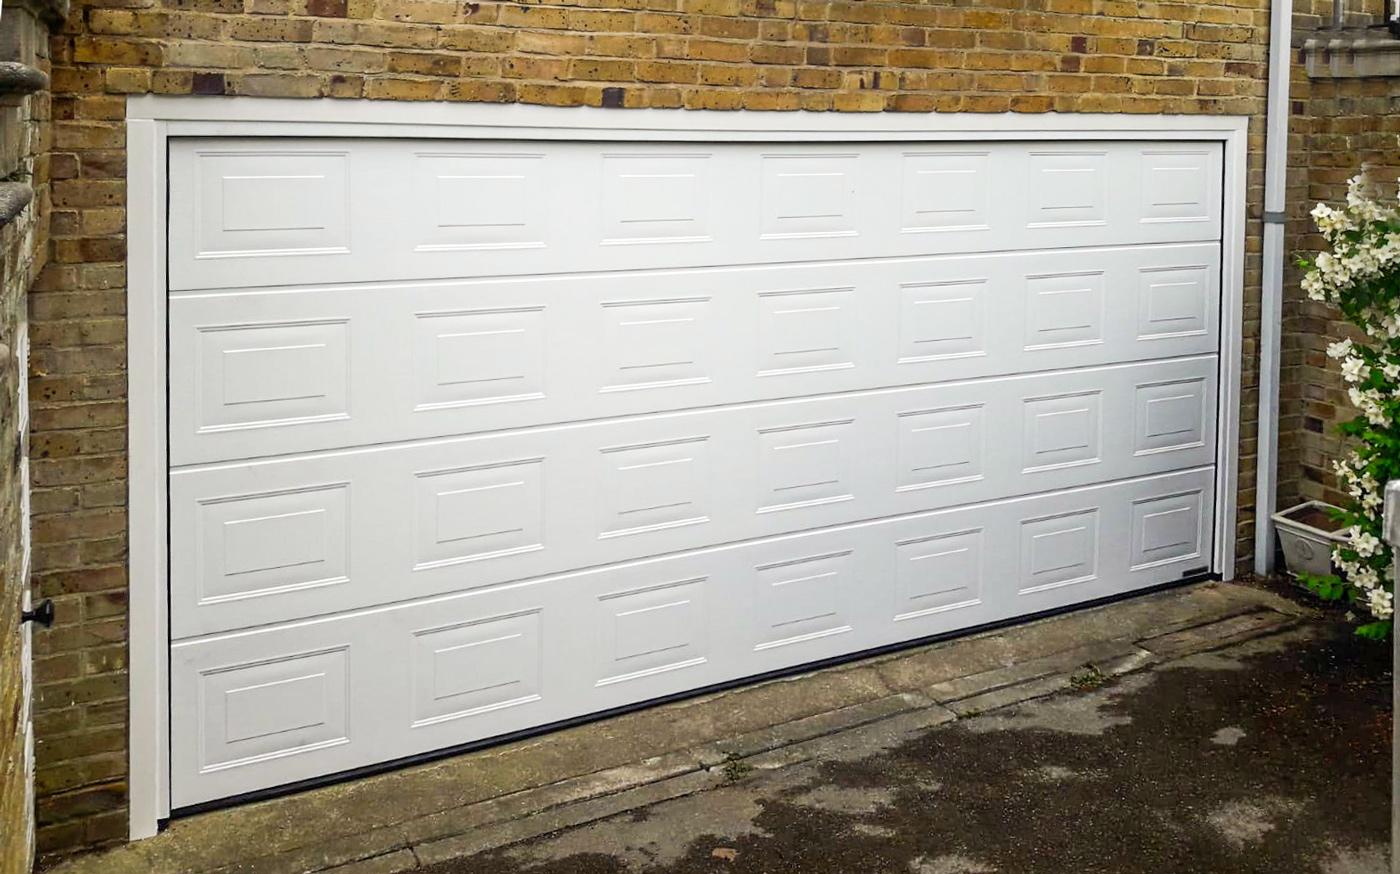 Hormann LPU42 Georgian Sectional Garage Door in White Woodgrain